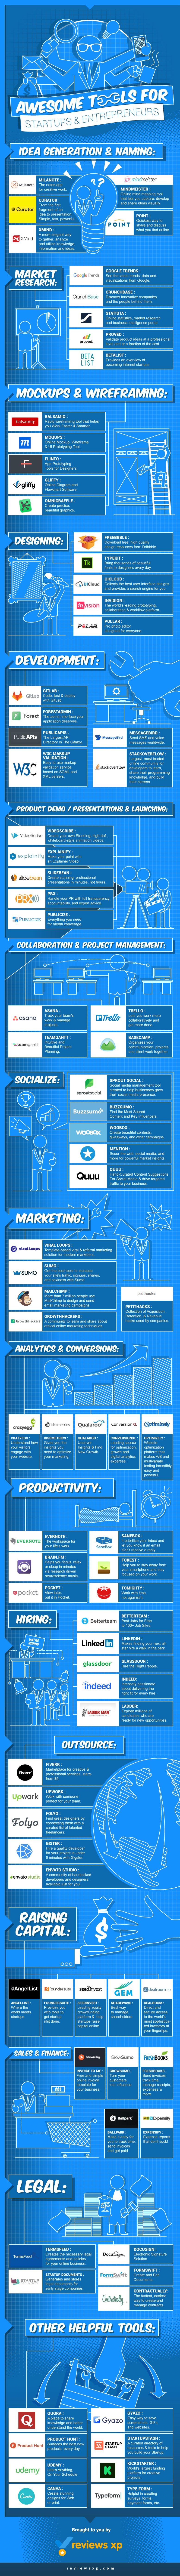 Más de 80 herramientas increíblemente eficaces para ayudar a hacer crecer tu negocio [Infographic] | Social Media Today